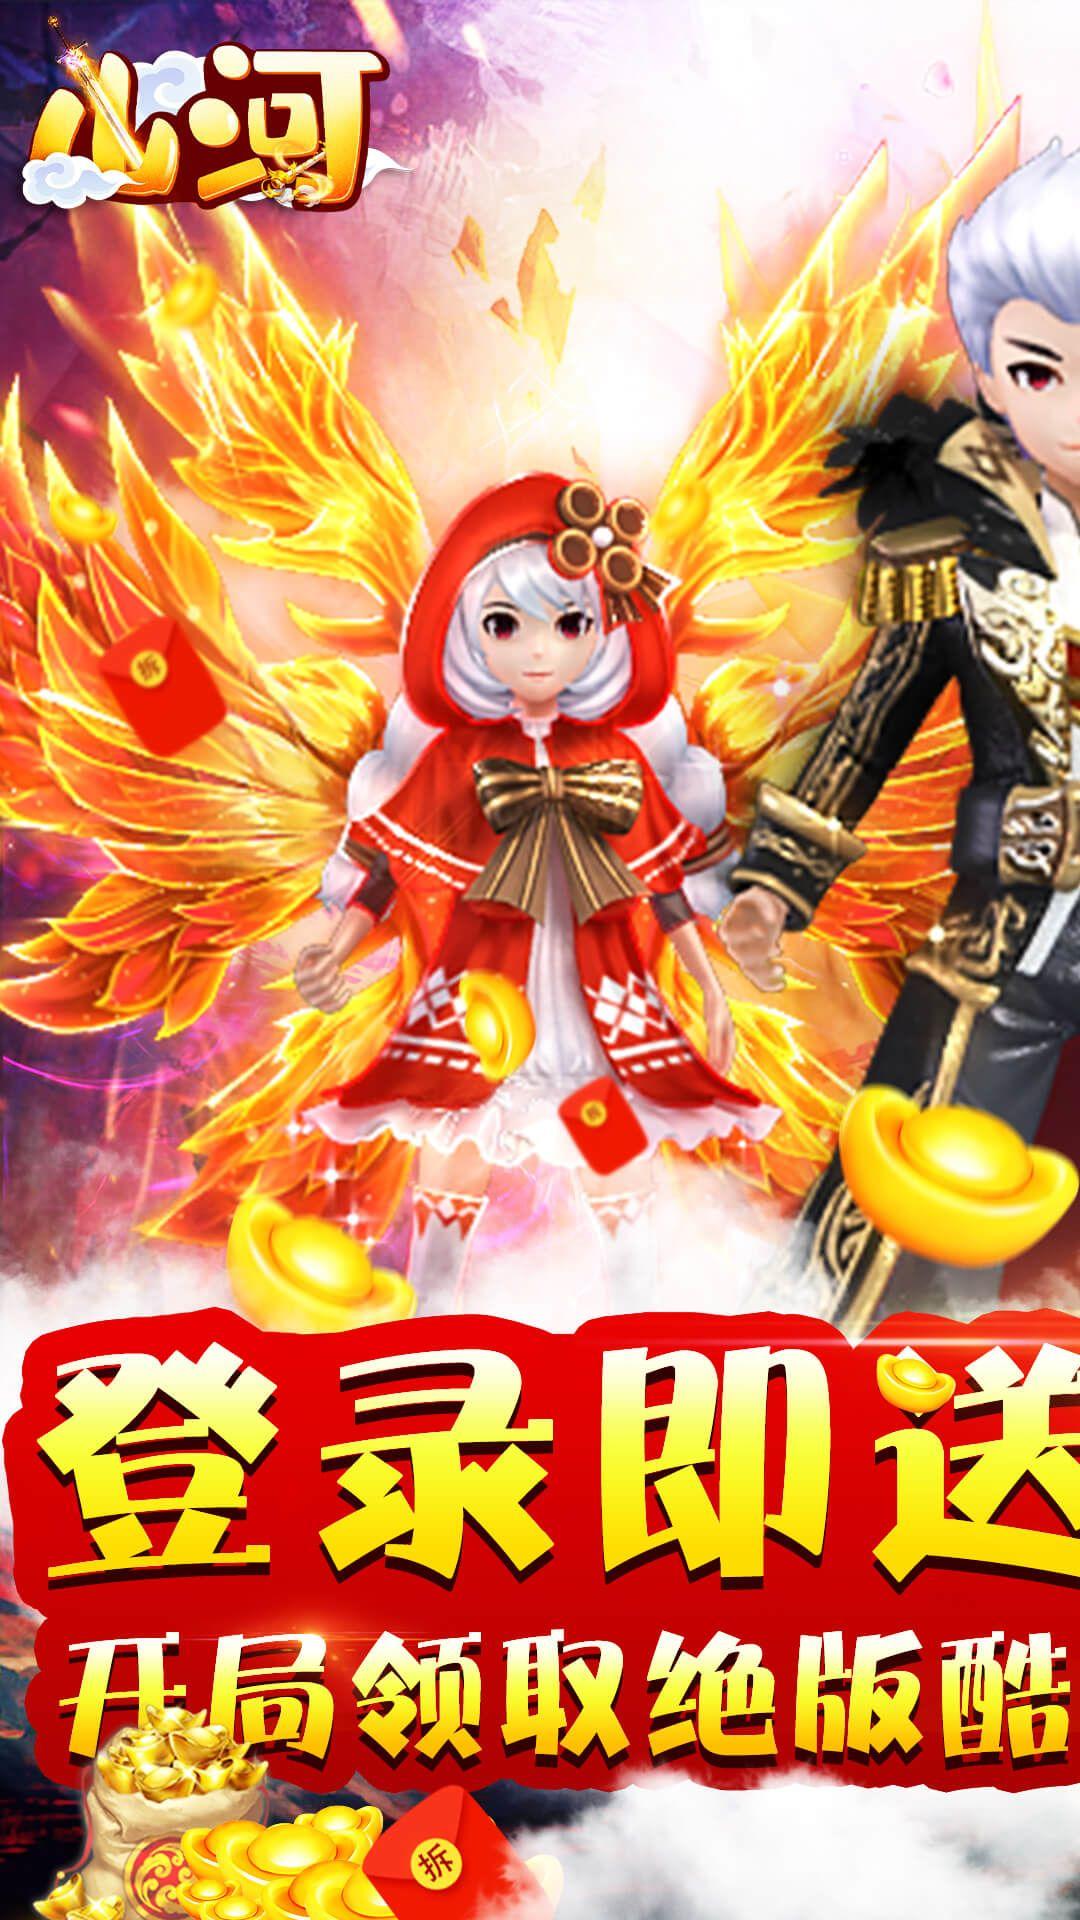 山河-Q传_游戏封面图